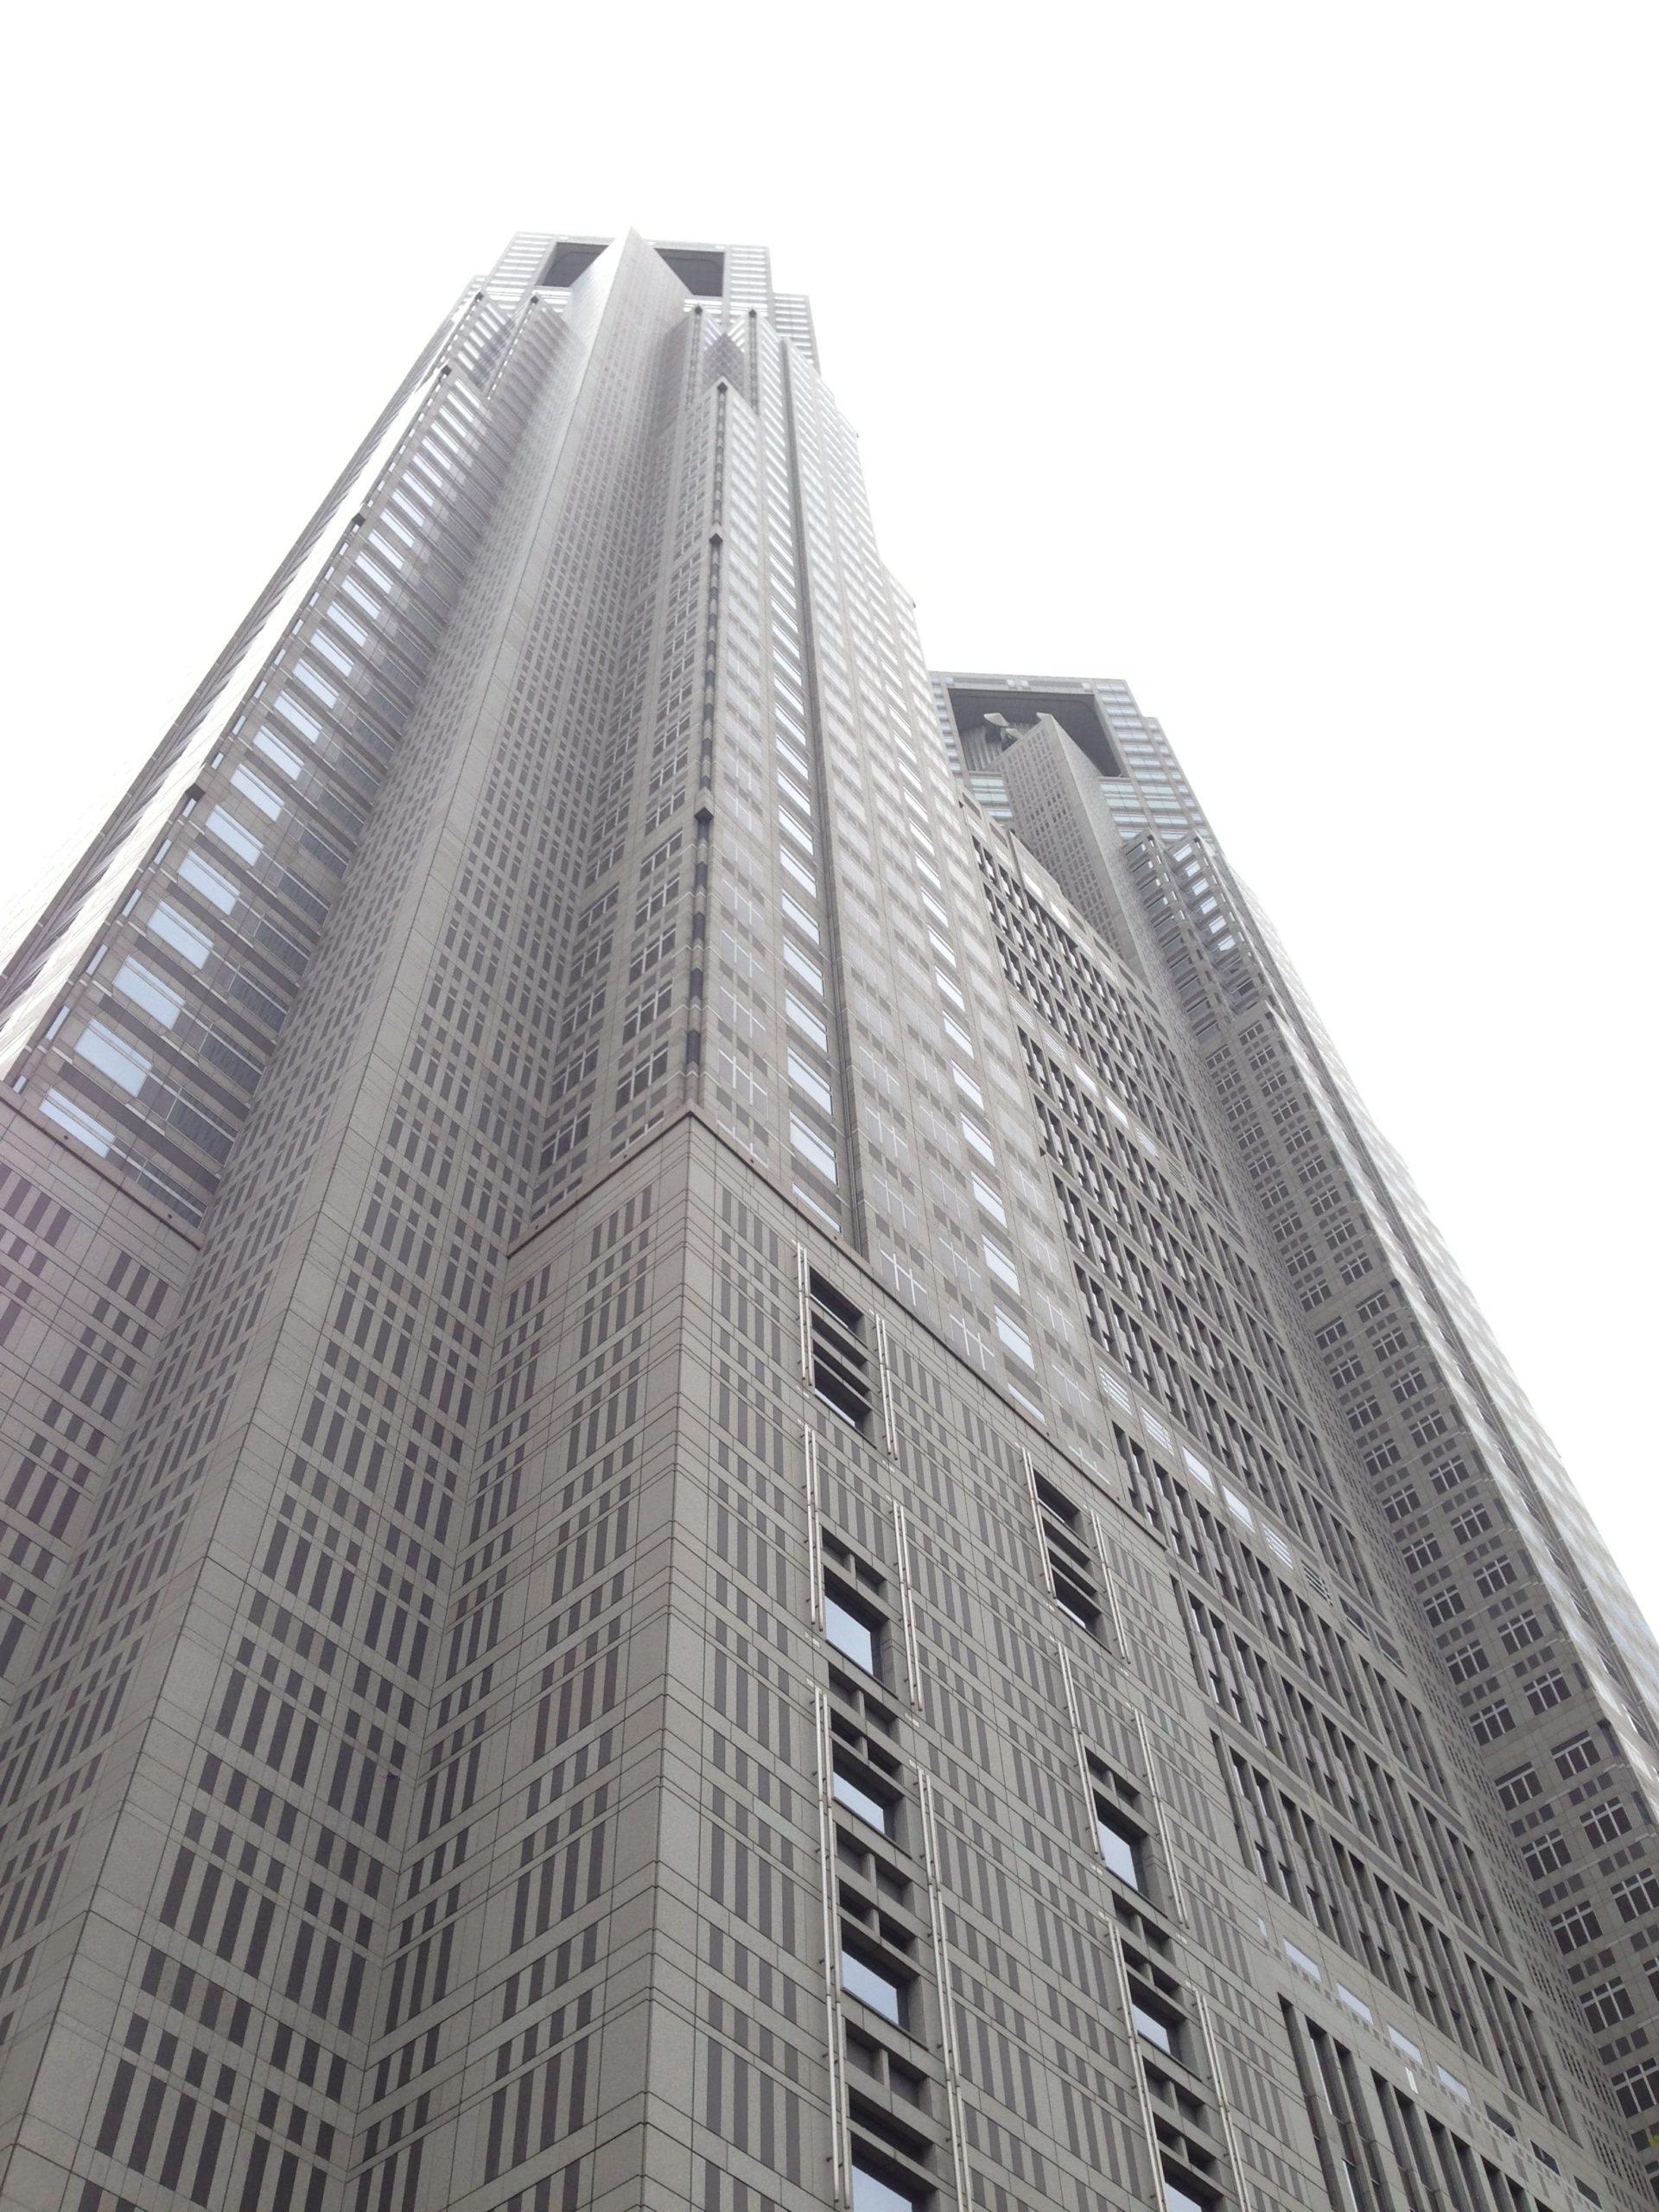 06-1 新宿超高層街散歩